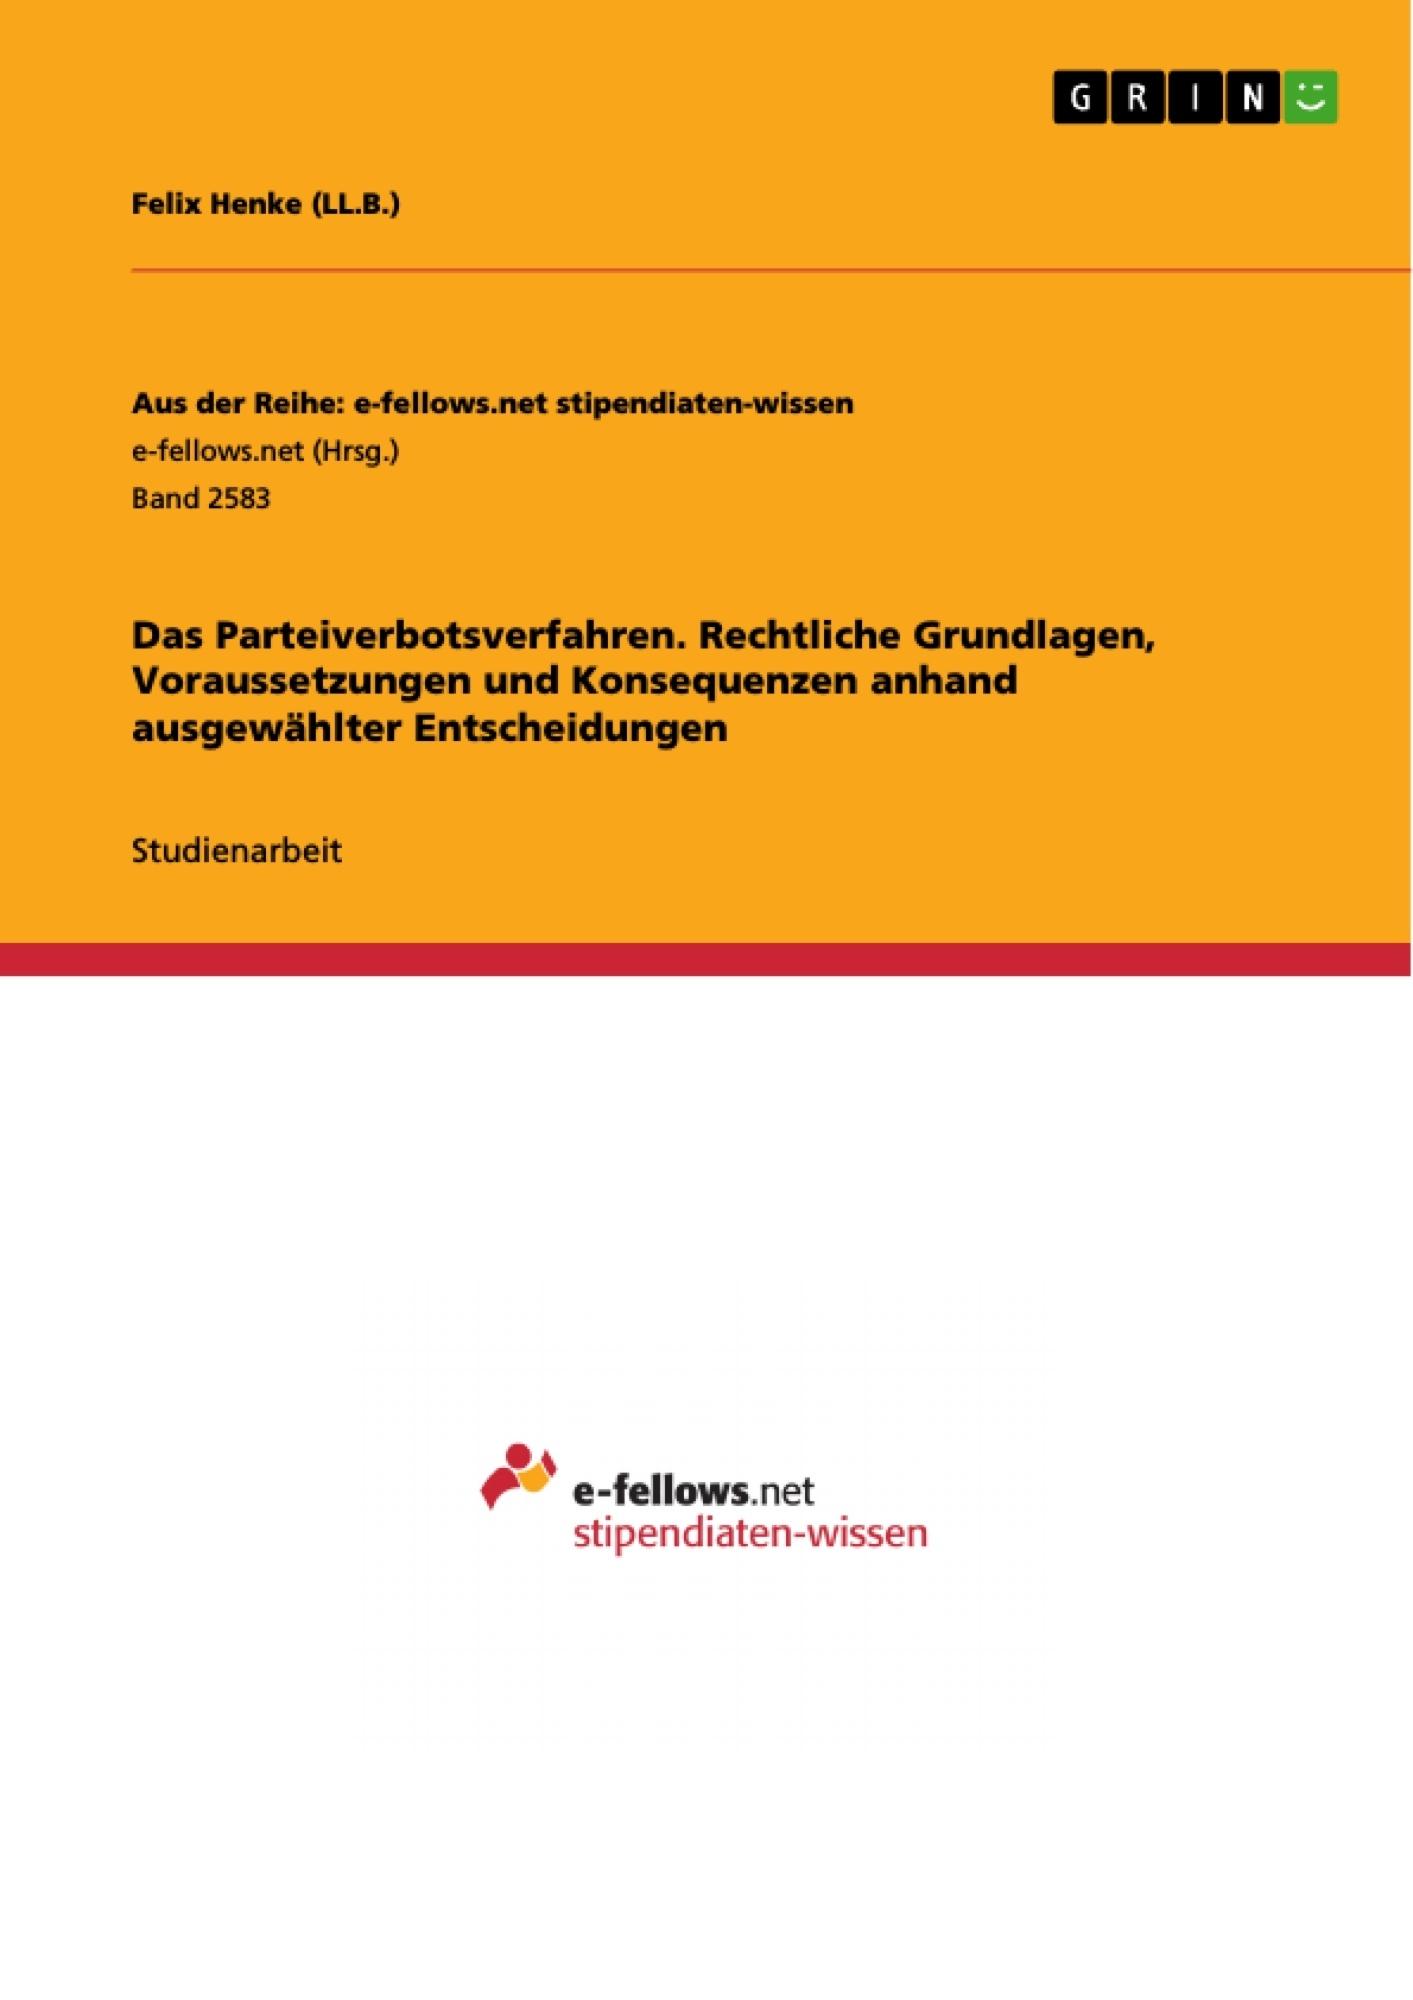 Titel: Das Parteiverbotsverfahren. Rechtliche Grundlagen, Voraussetzungen und Konsequenzen anhand ausgewählter Entscheidungen